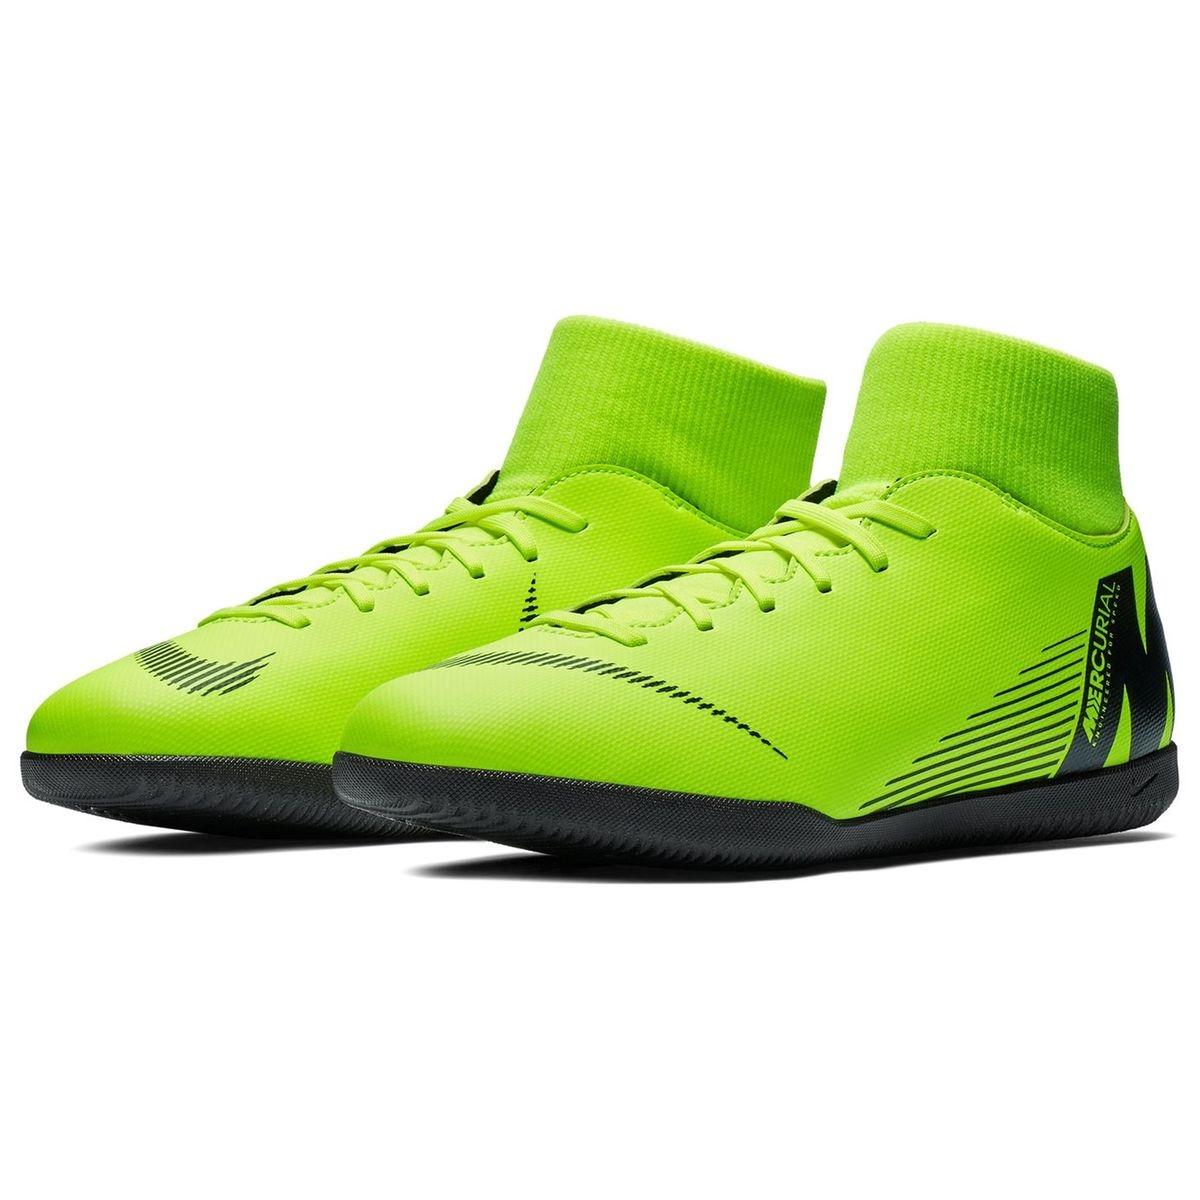 Chaussures de foot pour gazon artificiel